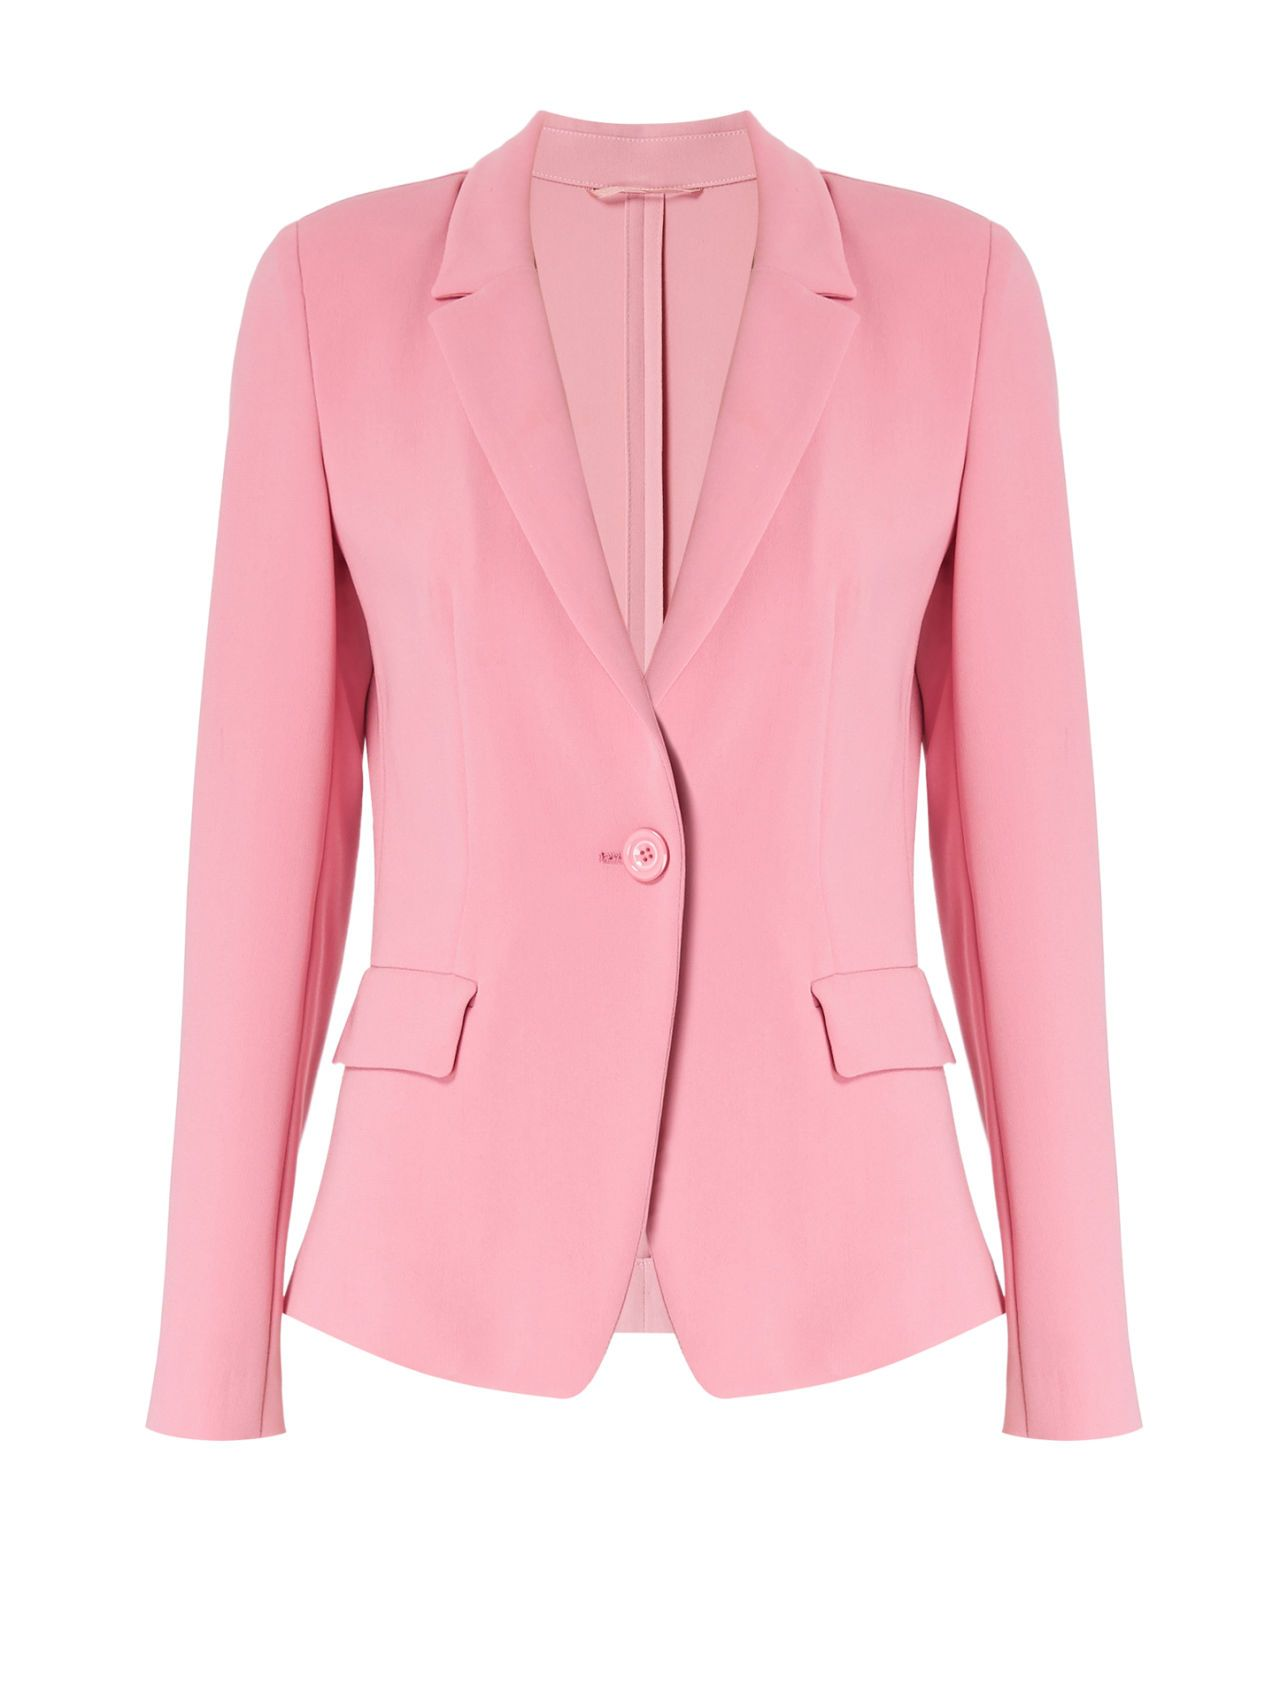 in maschile rientro come le ufficio Scegli blazer il giacche donna tra  q4EaxUHwz 858f7548604